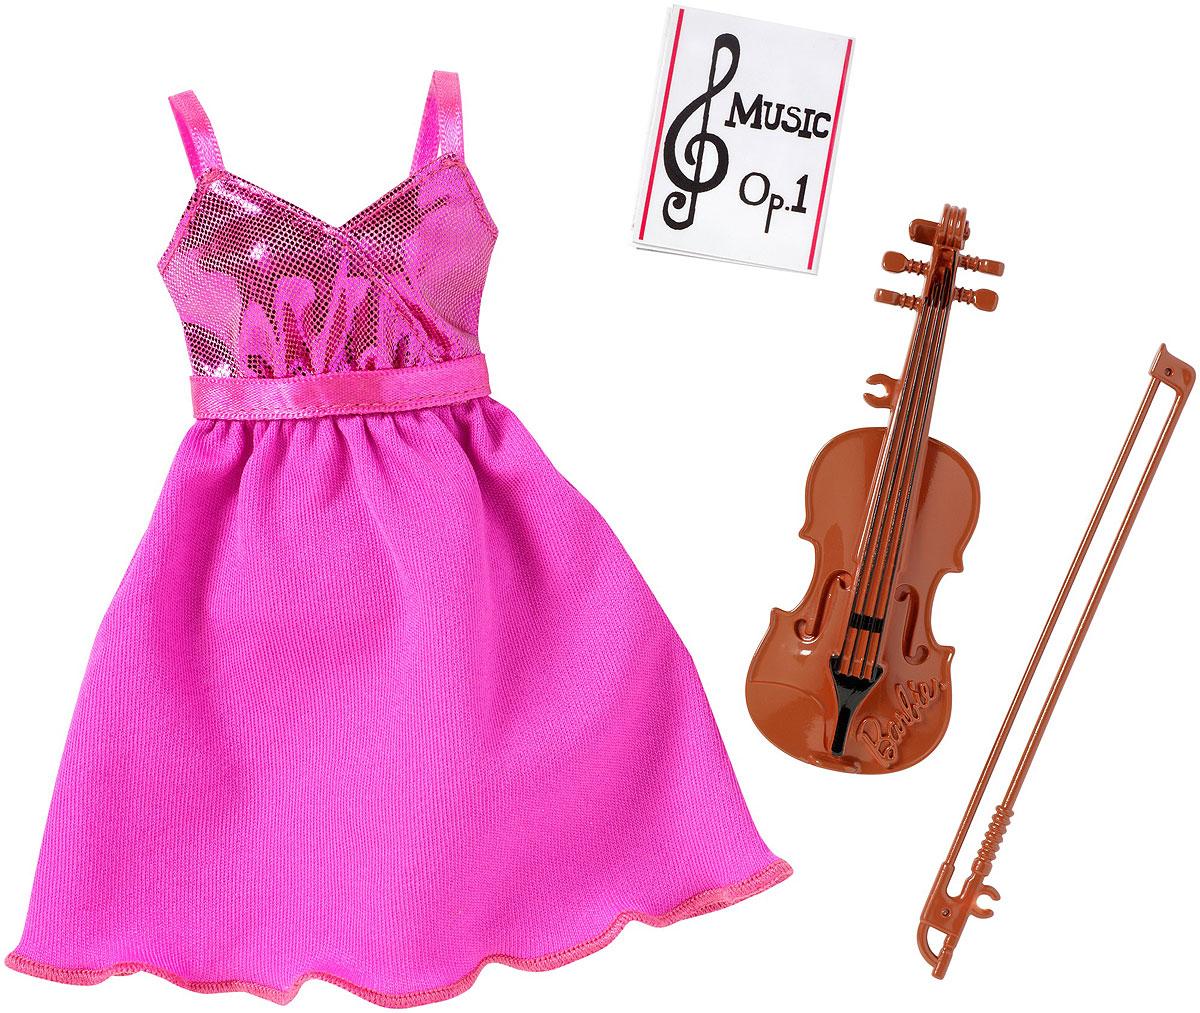 Barbie Одежда для куклы CHJ27_DNT94CHJ27_DNT94Найдите свой стиль и придумайте совершенно новую историю для своей куклы Barbie! В этом наборе один топ, одни брюки или юбка, пара обуви, а также модный аксессуар. Все вместе - идеальный образ! Самые модные силуэты, забавные принты и гламурные детали; целый гардероб новых возможностей. Одежда подходит для любых кукол Barbie с миниатюрным типом тела. Обувь без каблука подходит куклам с шарнирными лодыжками или плоскими ступнями. Найдите свой идеальный образ и расскажите его историю - ведь с куклами Barbie вы можете стать кем угодно! Соберите все доступные наборы и не ограничивайте свое воображение ни в чем!